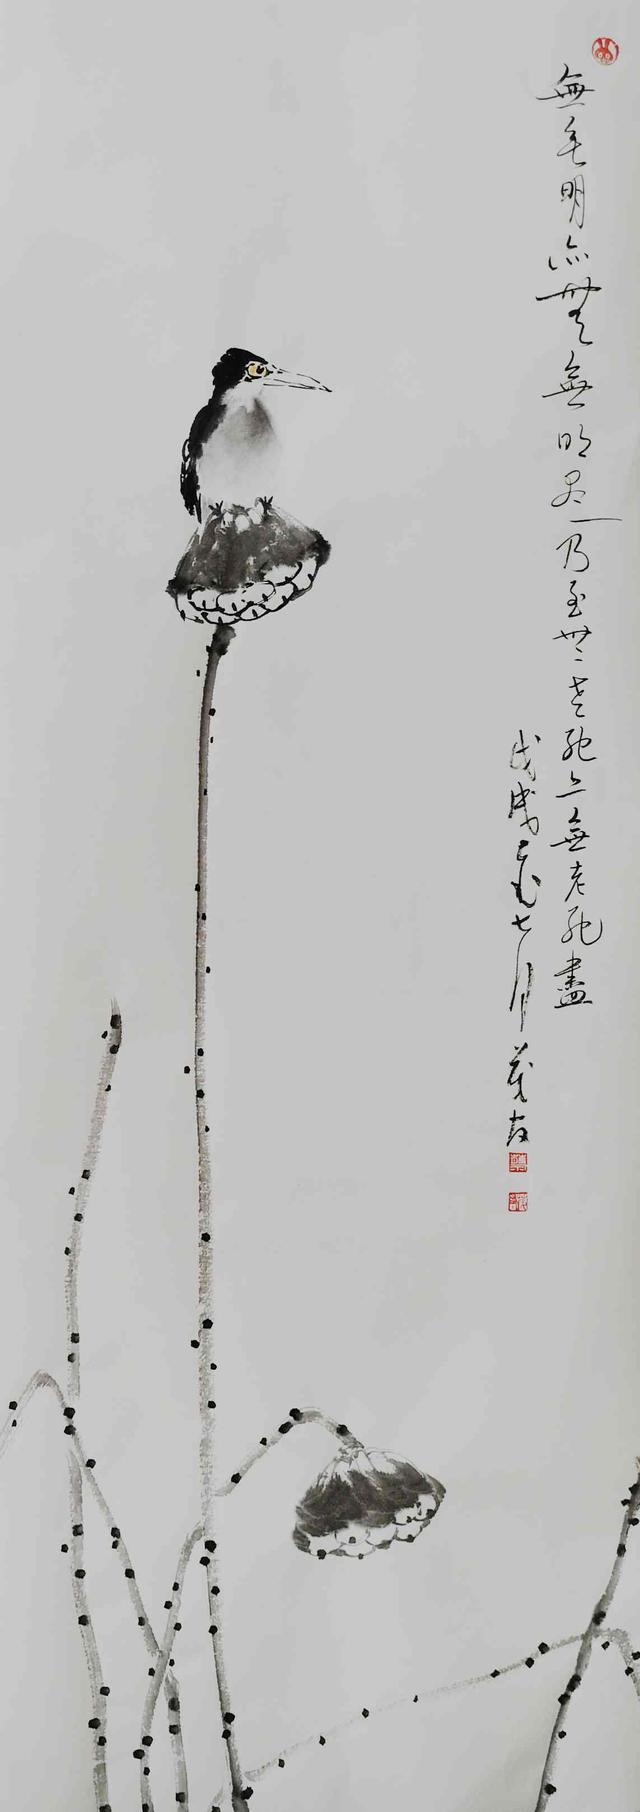 诗中见画-蔡茂友水墨荷花作品欣赏情趣内衣总裁文有图片